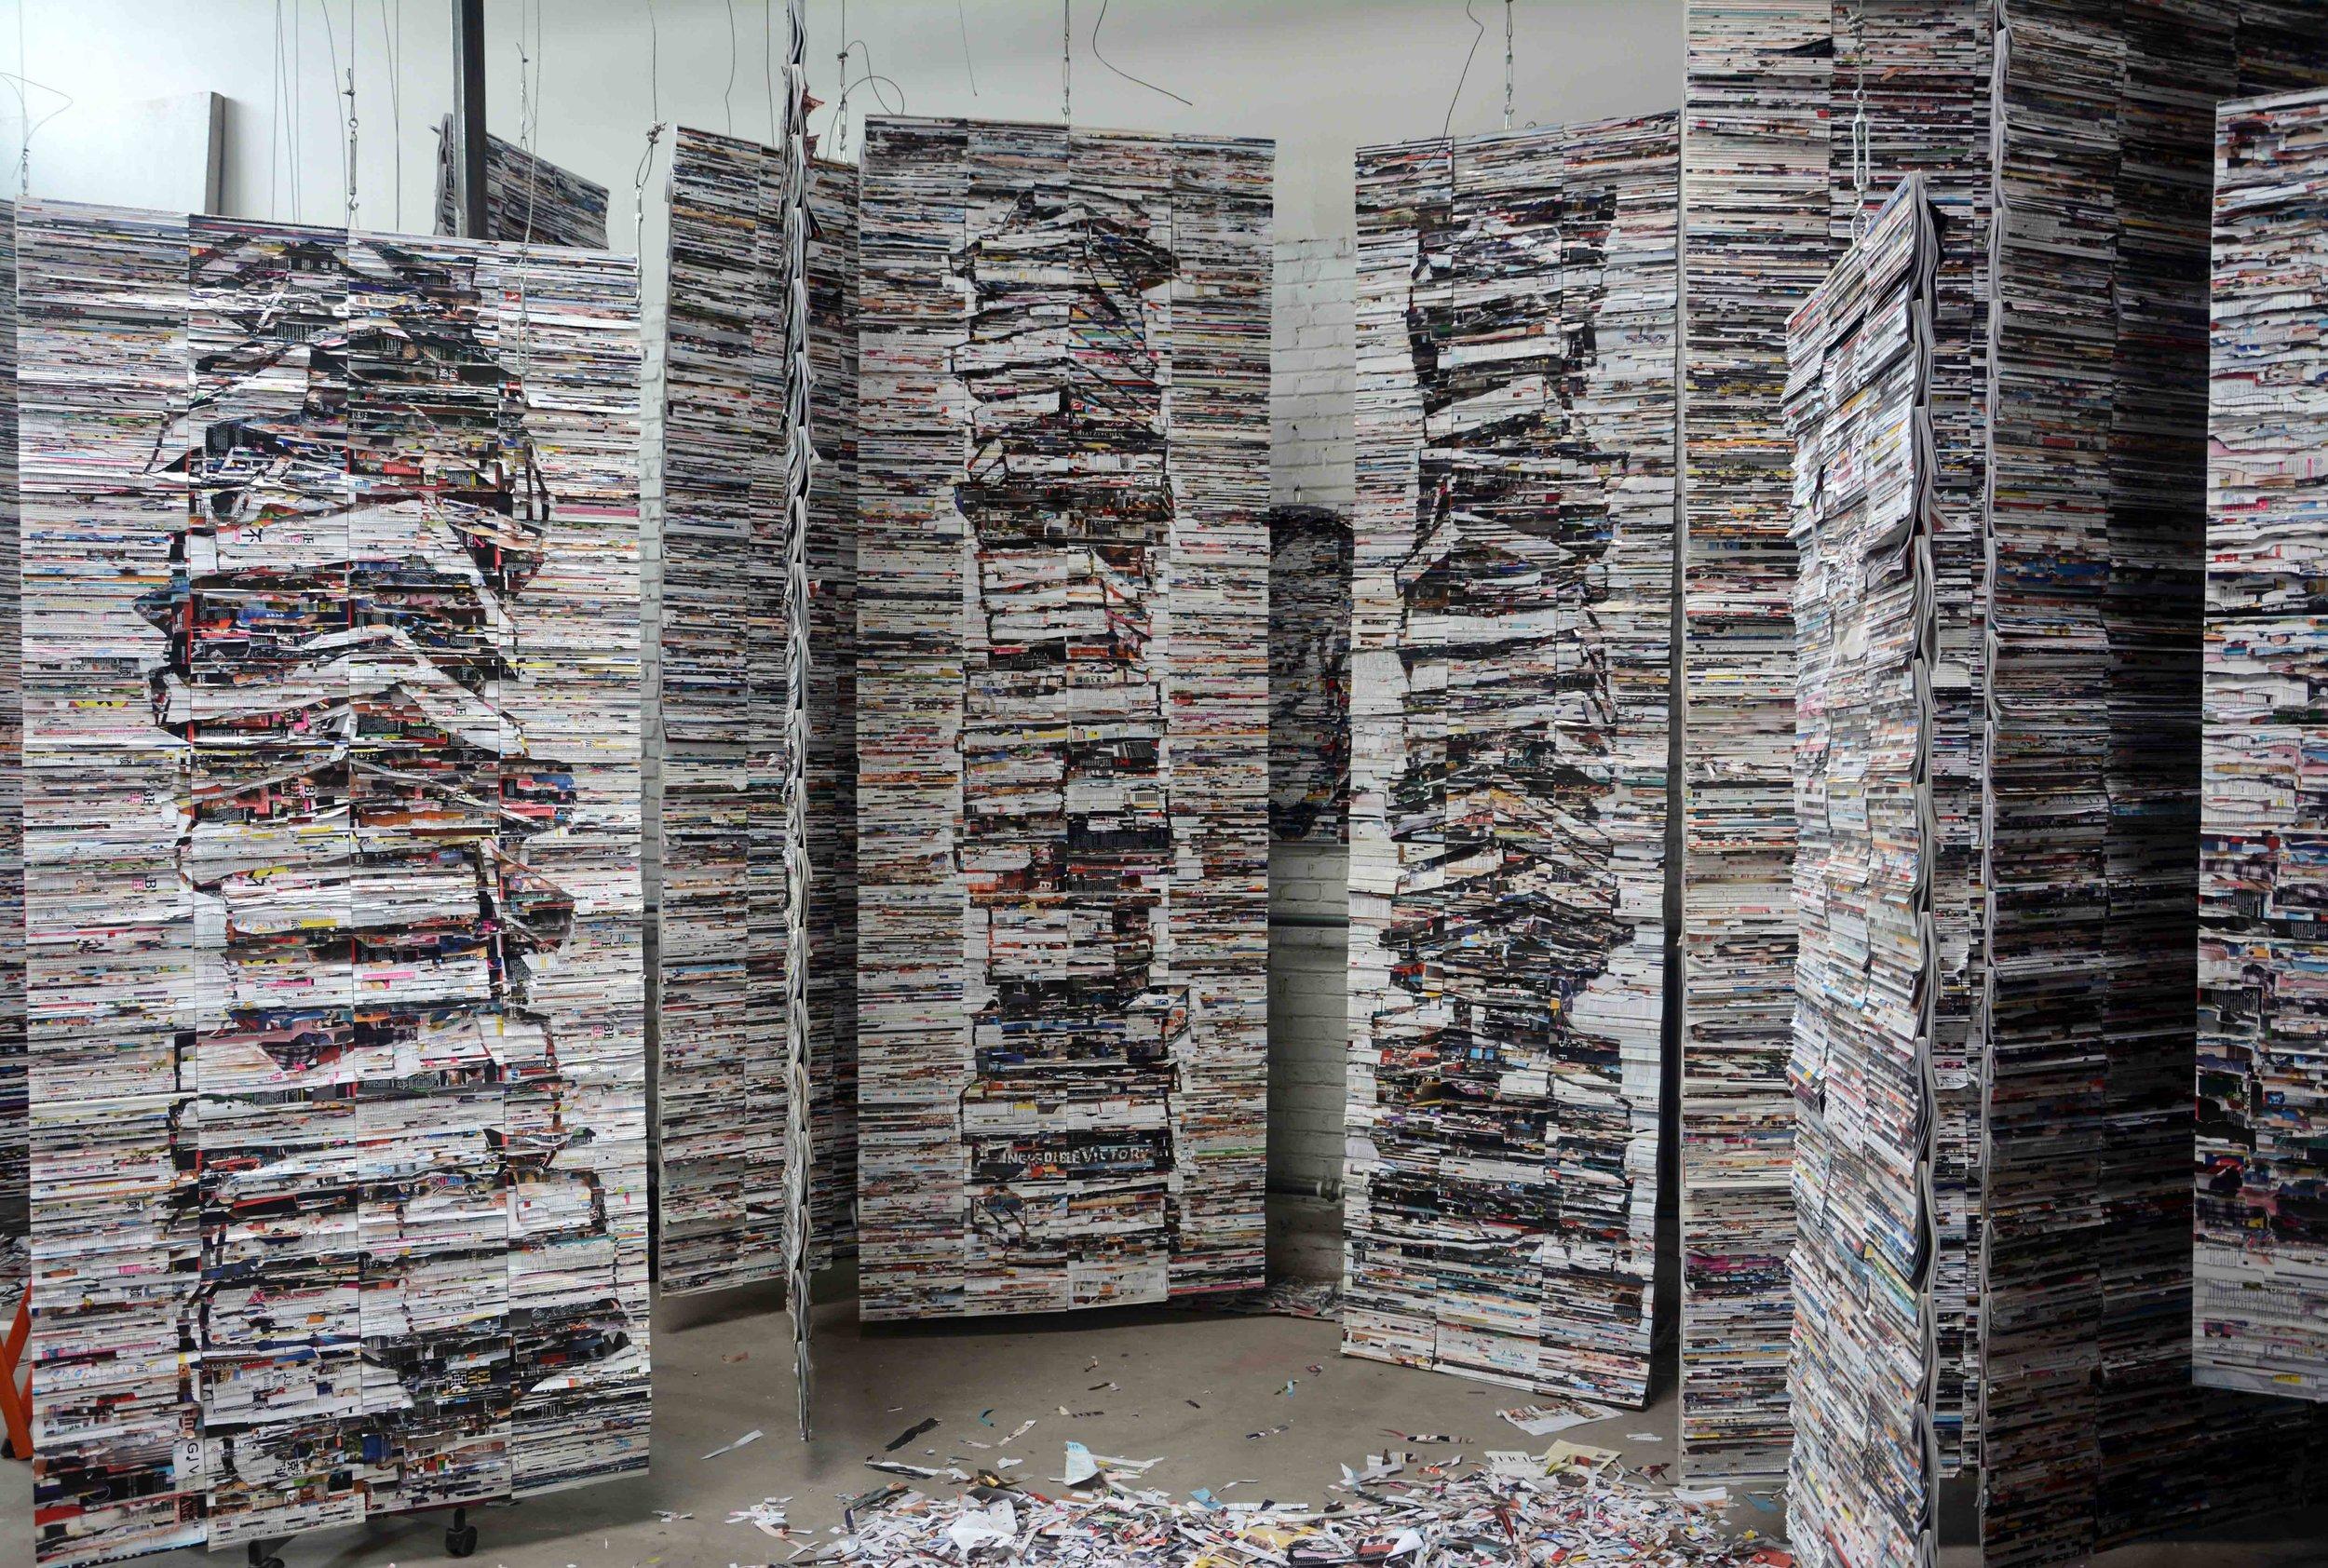 李枪,《图书馆计划》,2016年。杂志装置,尺寸可变。图片由艺术家提供。